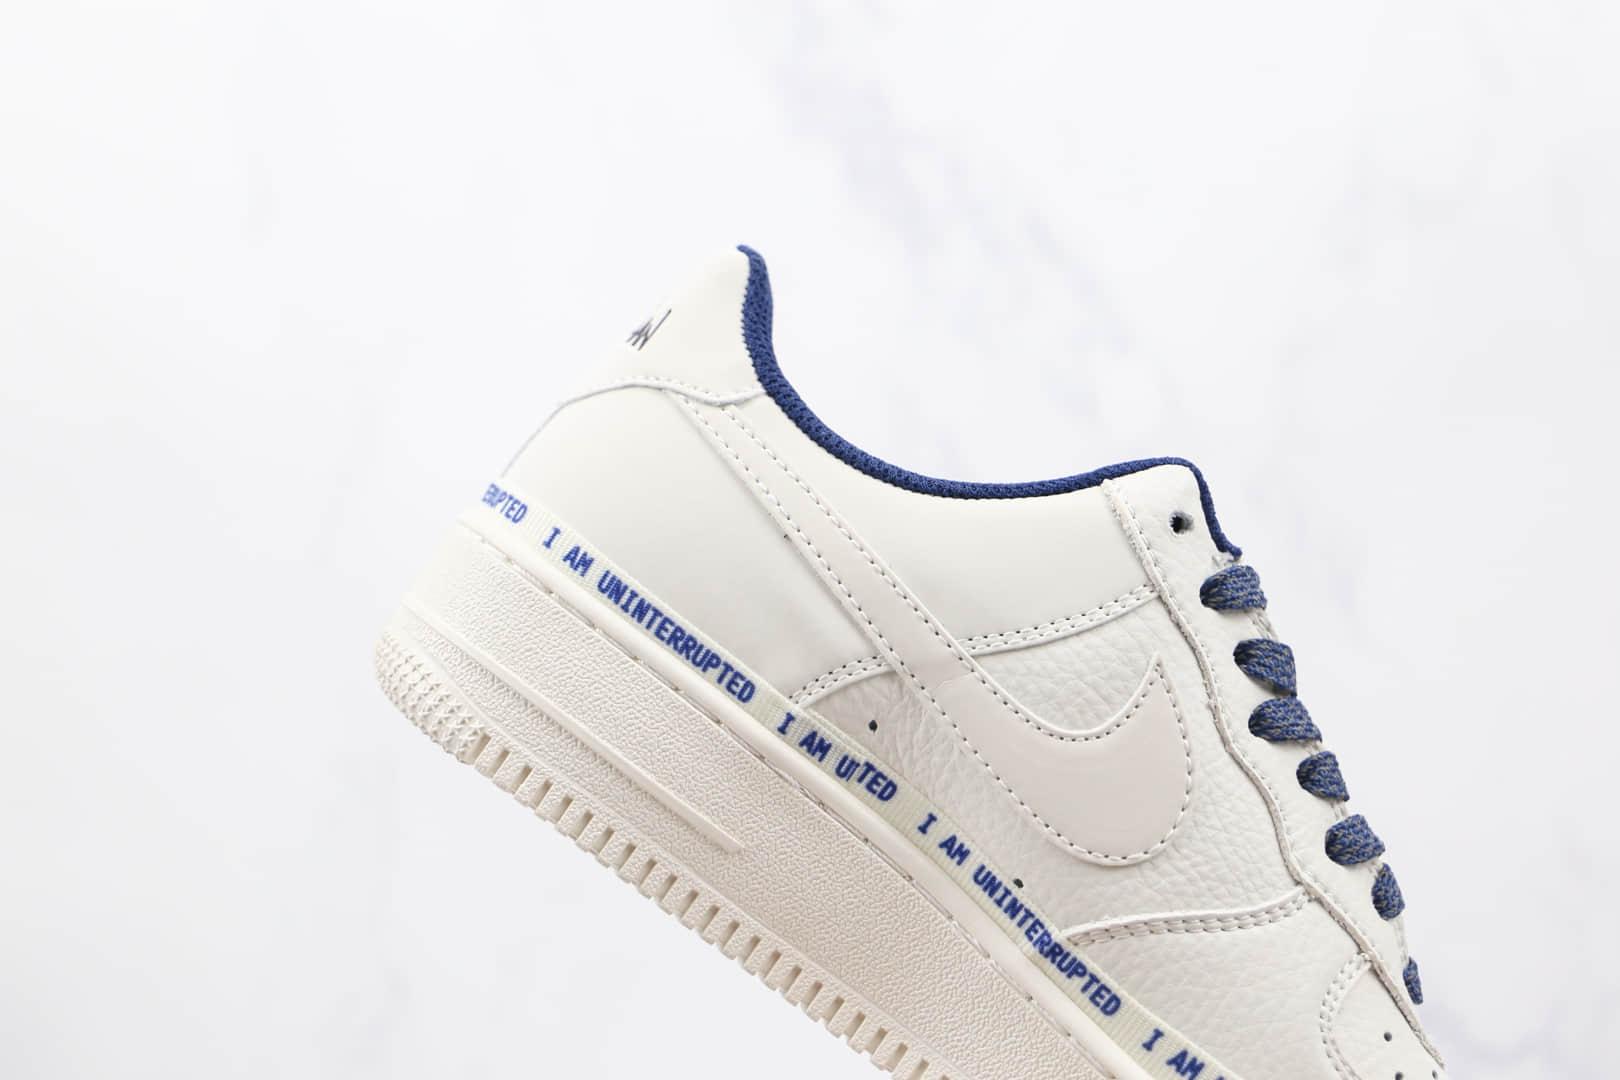 耐克Nike Air Forece 1 MORE THAN x Uninterrupted联名款纯原版本低帮空军一号白蓝色满天星3M签名涂鸦板鞋原盒原标 货号:NU6602-301